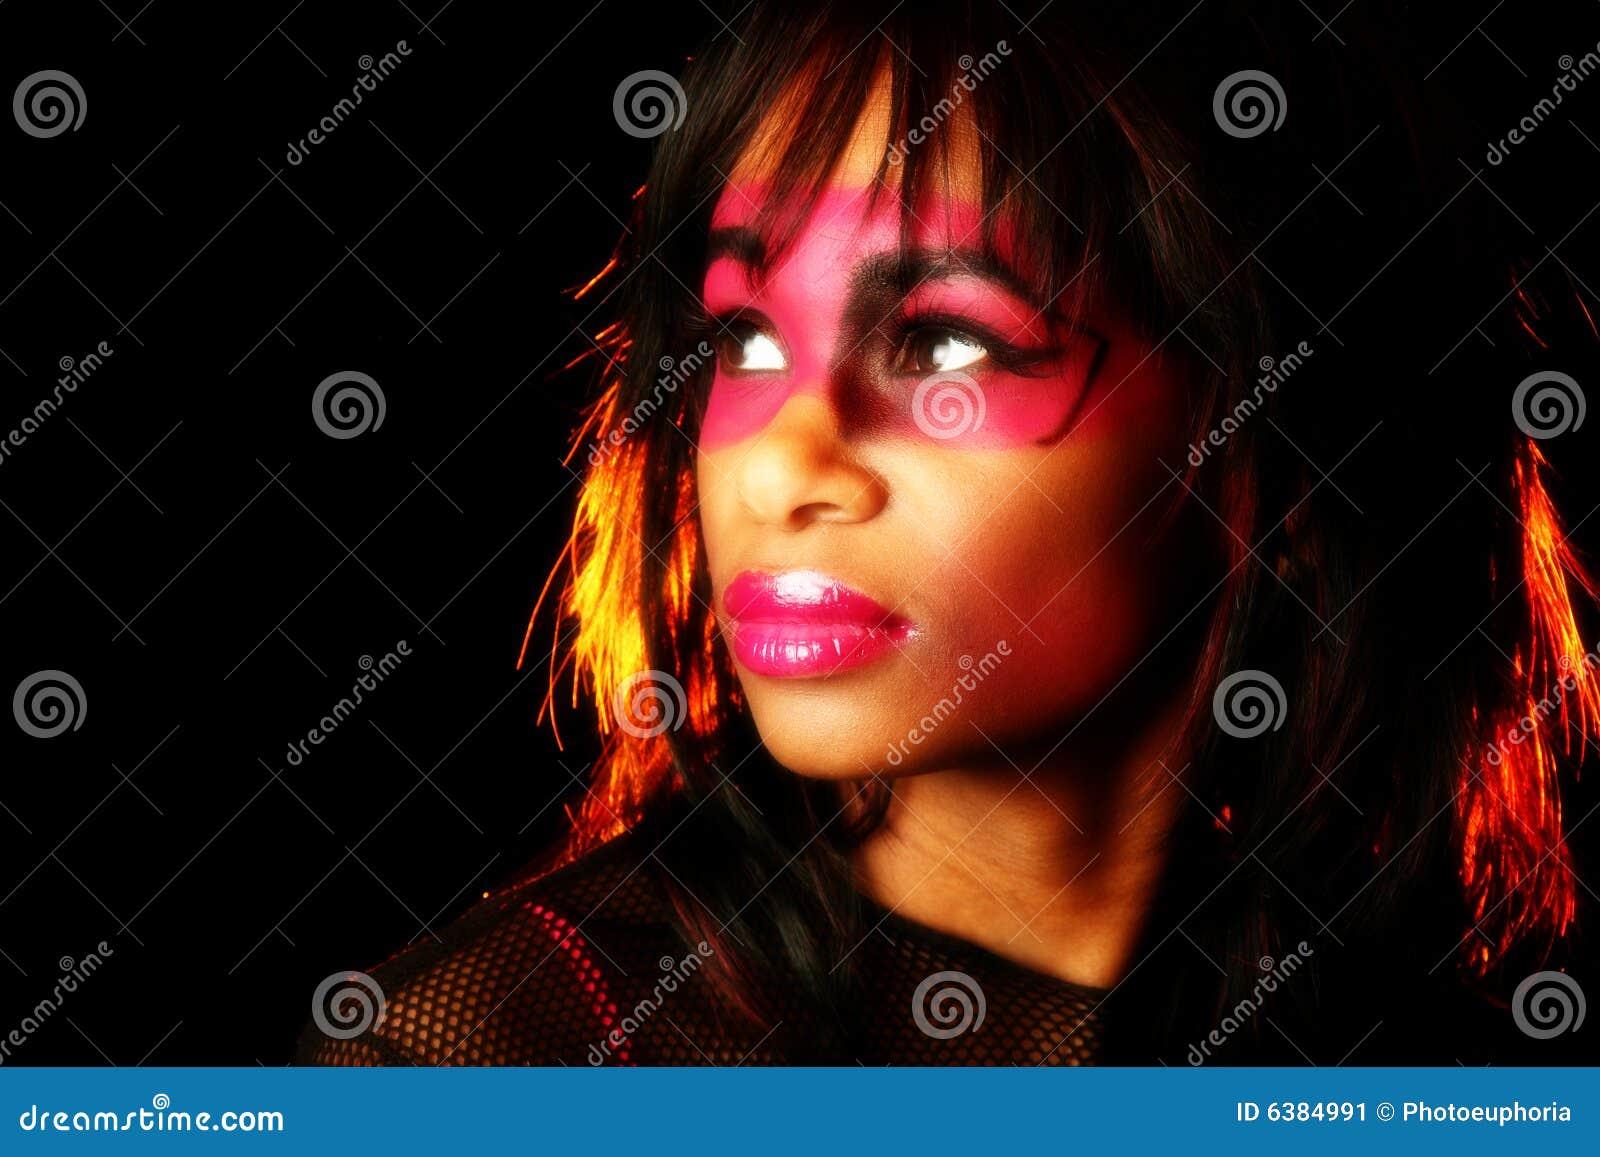 艺术性的化妆用品